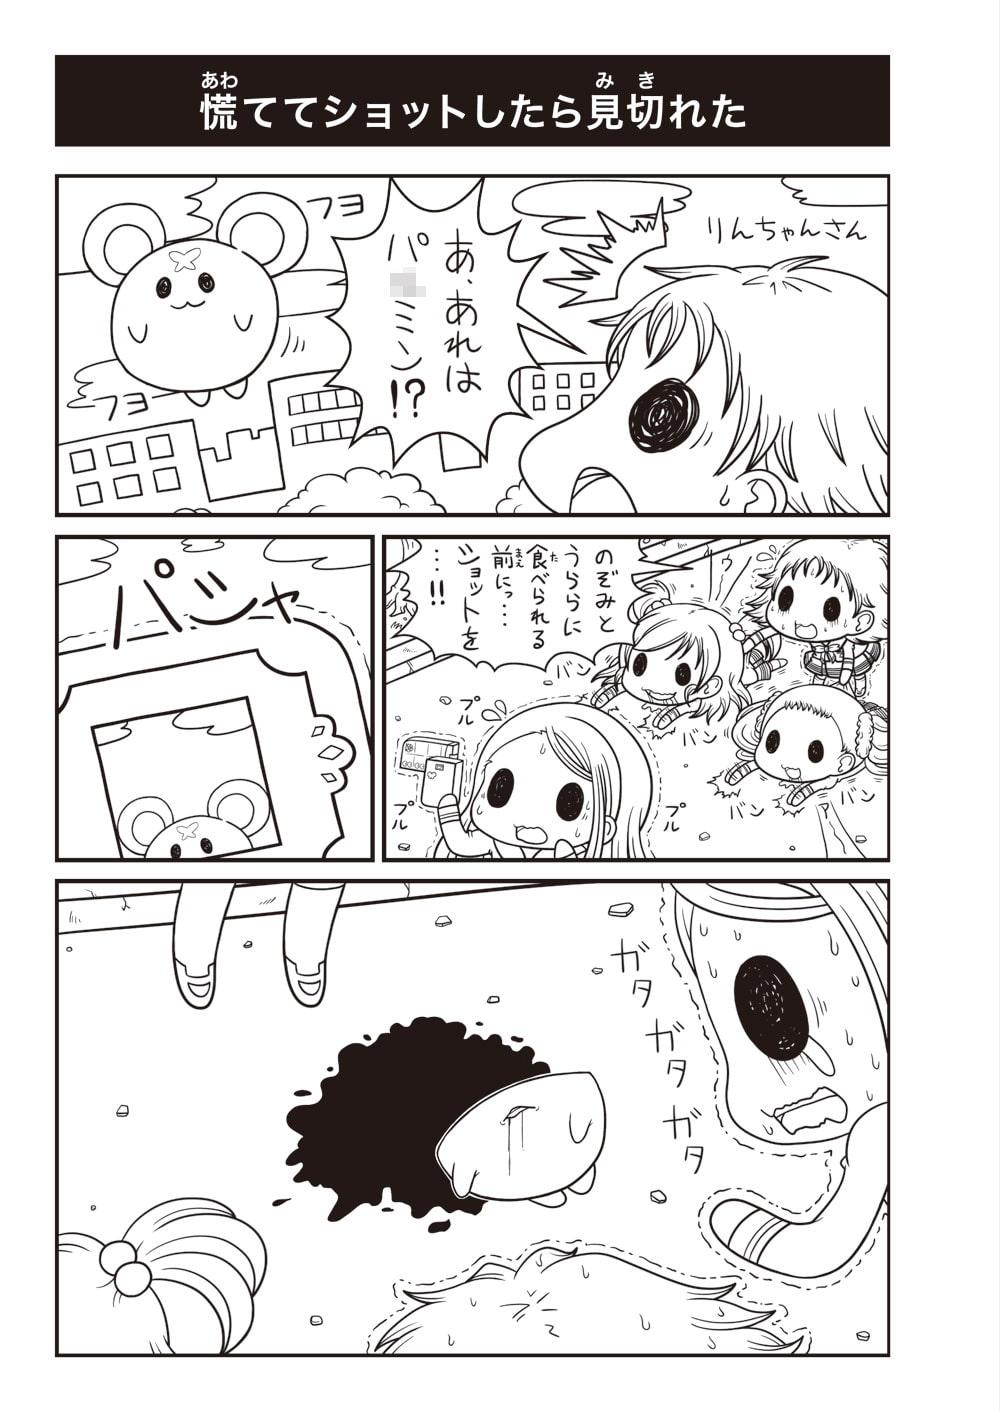 ほのぼのプリキ○アライフ オールスターズ編 Vol.3